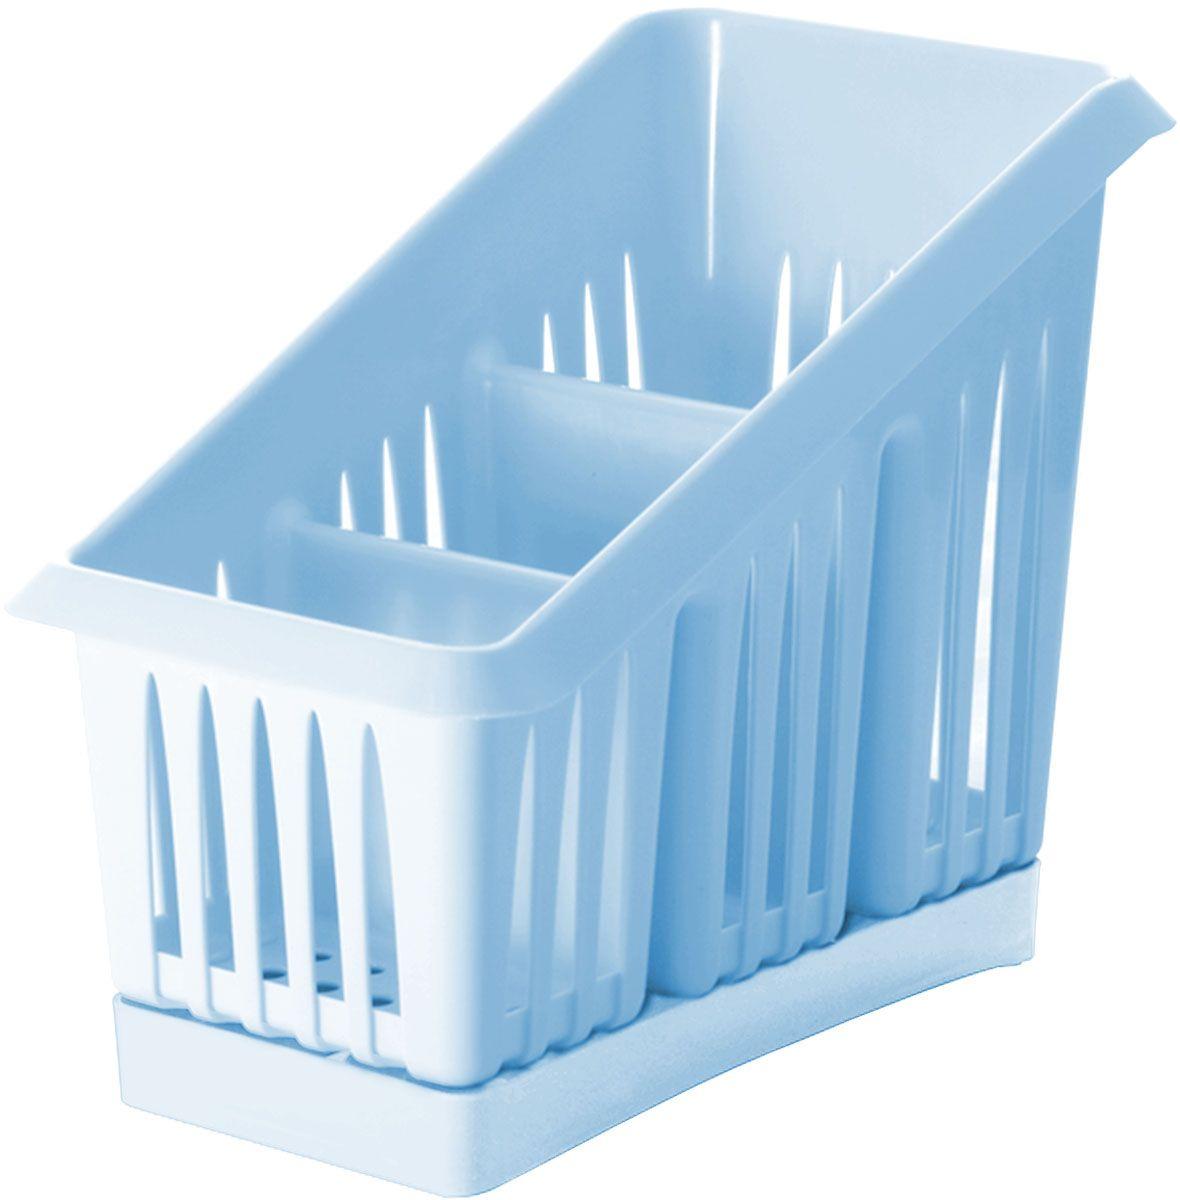 Сушилка для столовых приборов Plastic Centre Лилия, 3-секционная, цвет: голубой, 20 х 12 х 16 см21395598Сушилка для столовых приборов пригодится на любой кухне. Три секции позволят сушить или хранить столовые приборы по отдельности (ножи, вилки, ложки и т.п.). Сушилка снабжена поддоном для стока воды с приборов.